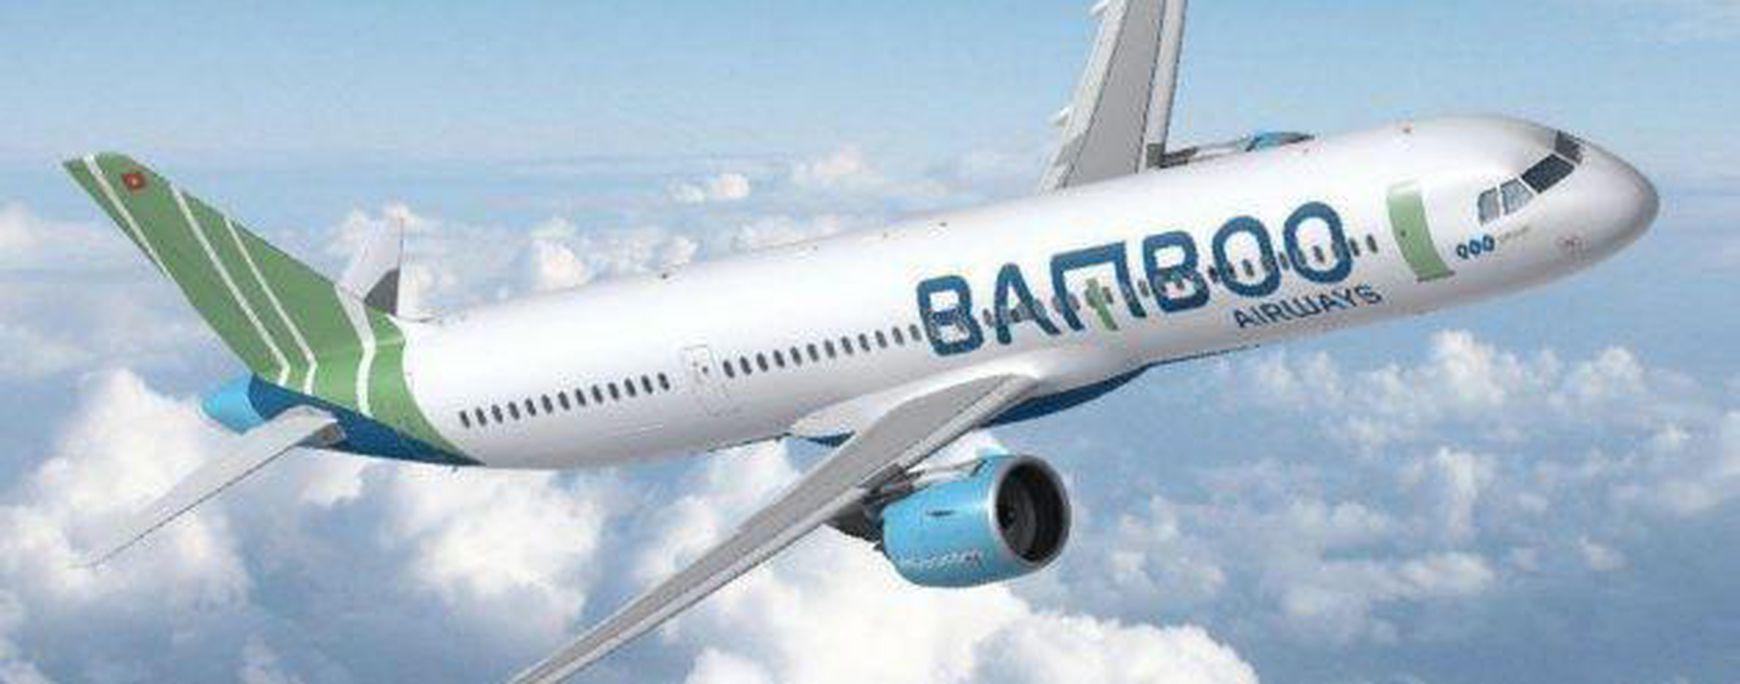 Chính sách vé của máy bay Bamboo Airways